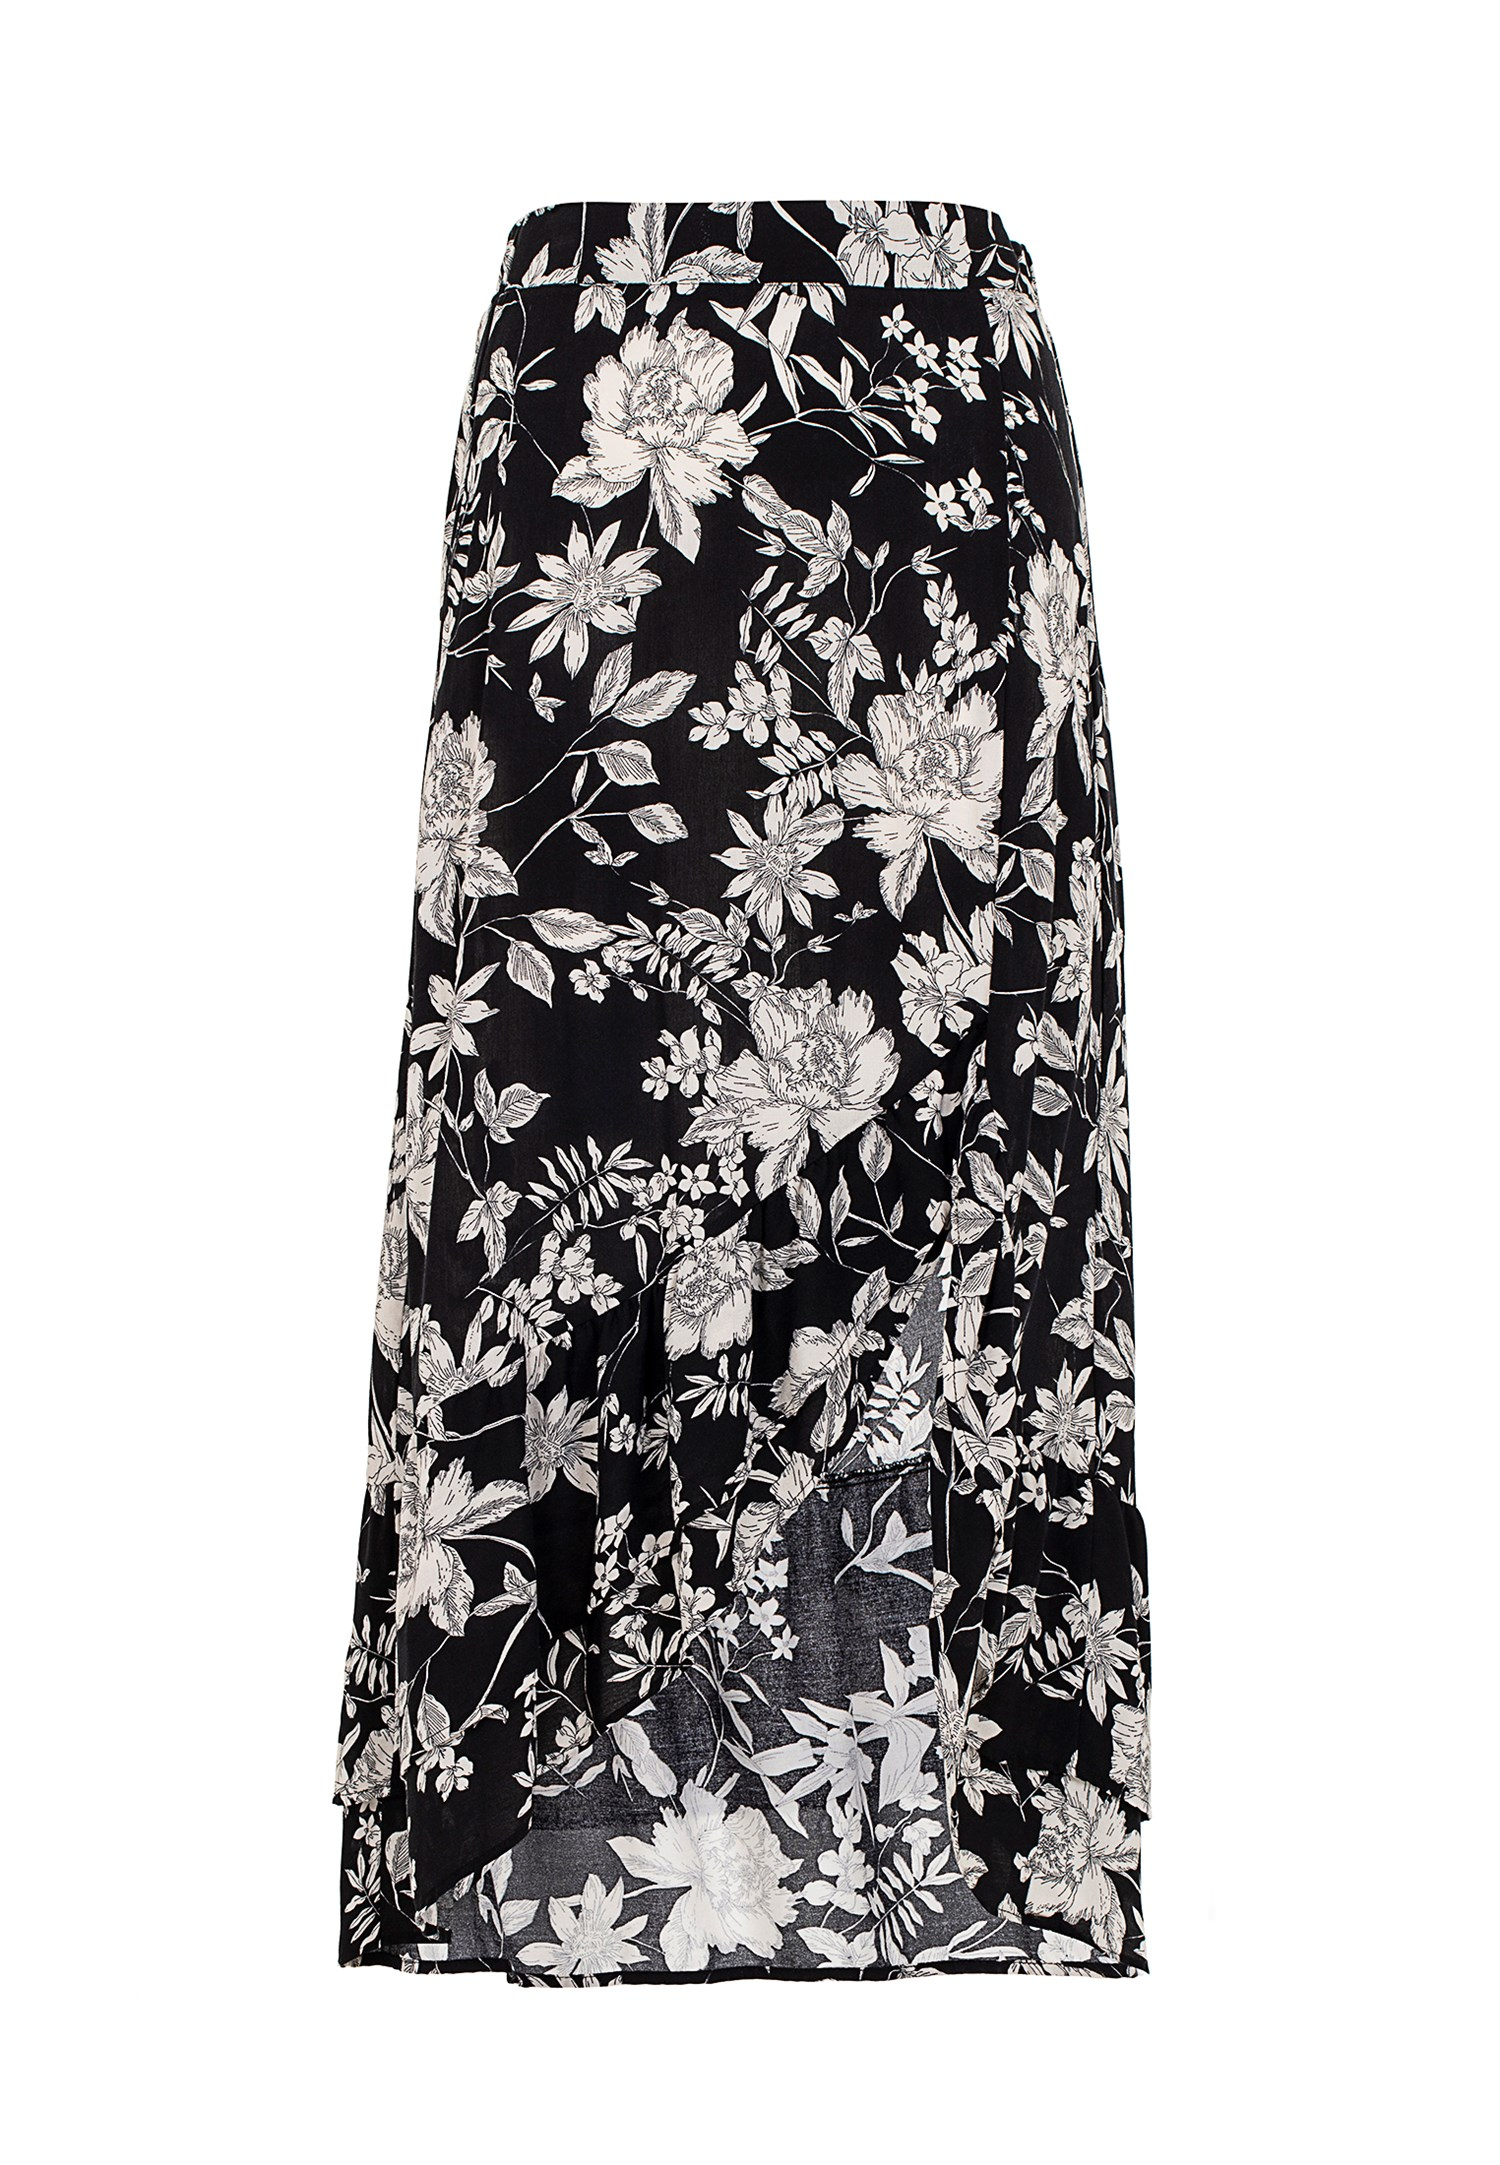 5da0ea7452ba6 Siyah Çiçek Desenli Midi Etek Online Alışveriş 19KOX-VISFLOKAT19K | OXXO